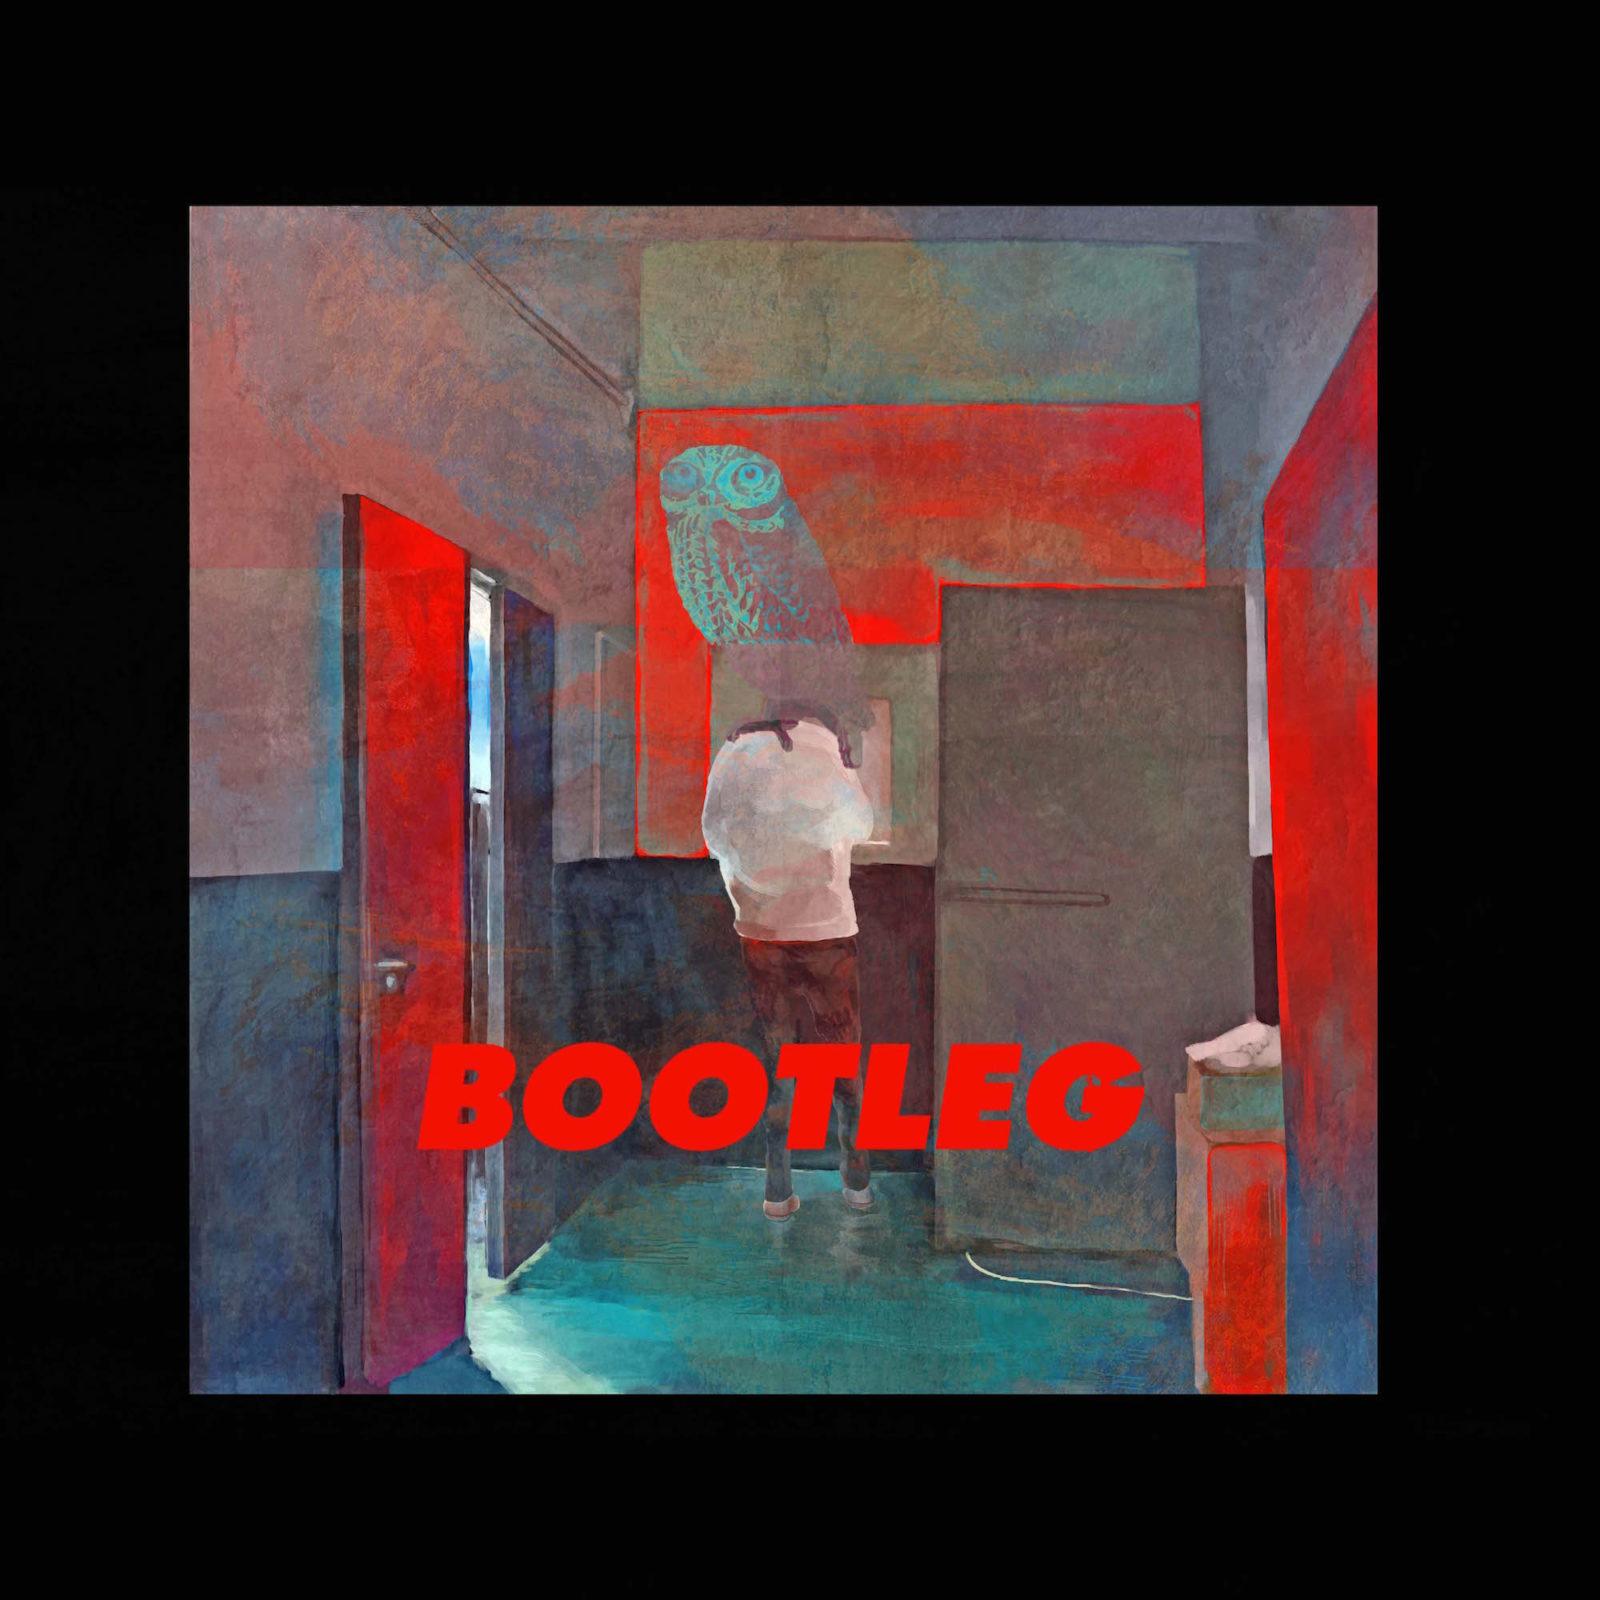 米津玄師「BOOTLEG」一夜限りのプレミアム全曲先行試聴会開催決定サムネイル画像